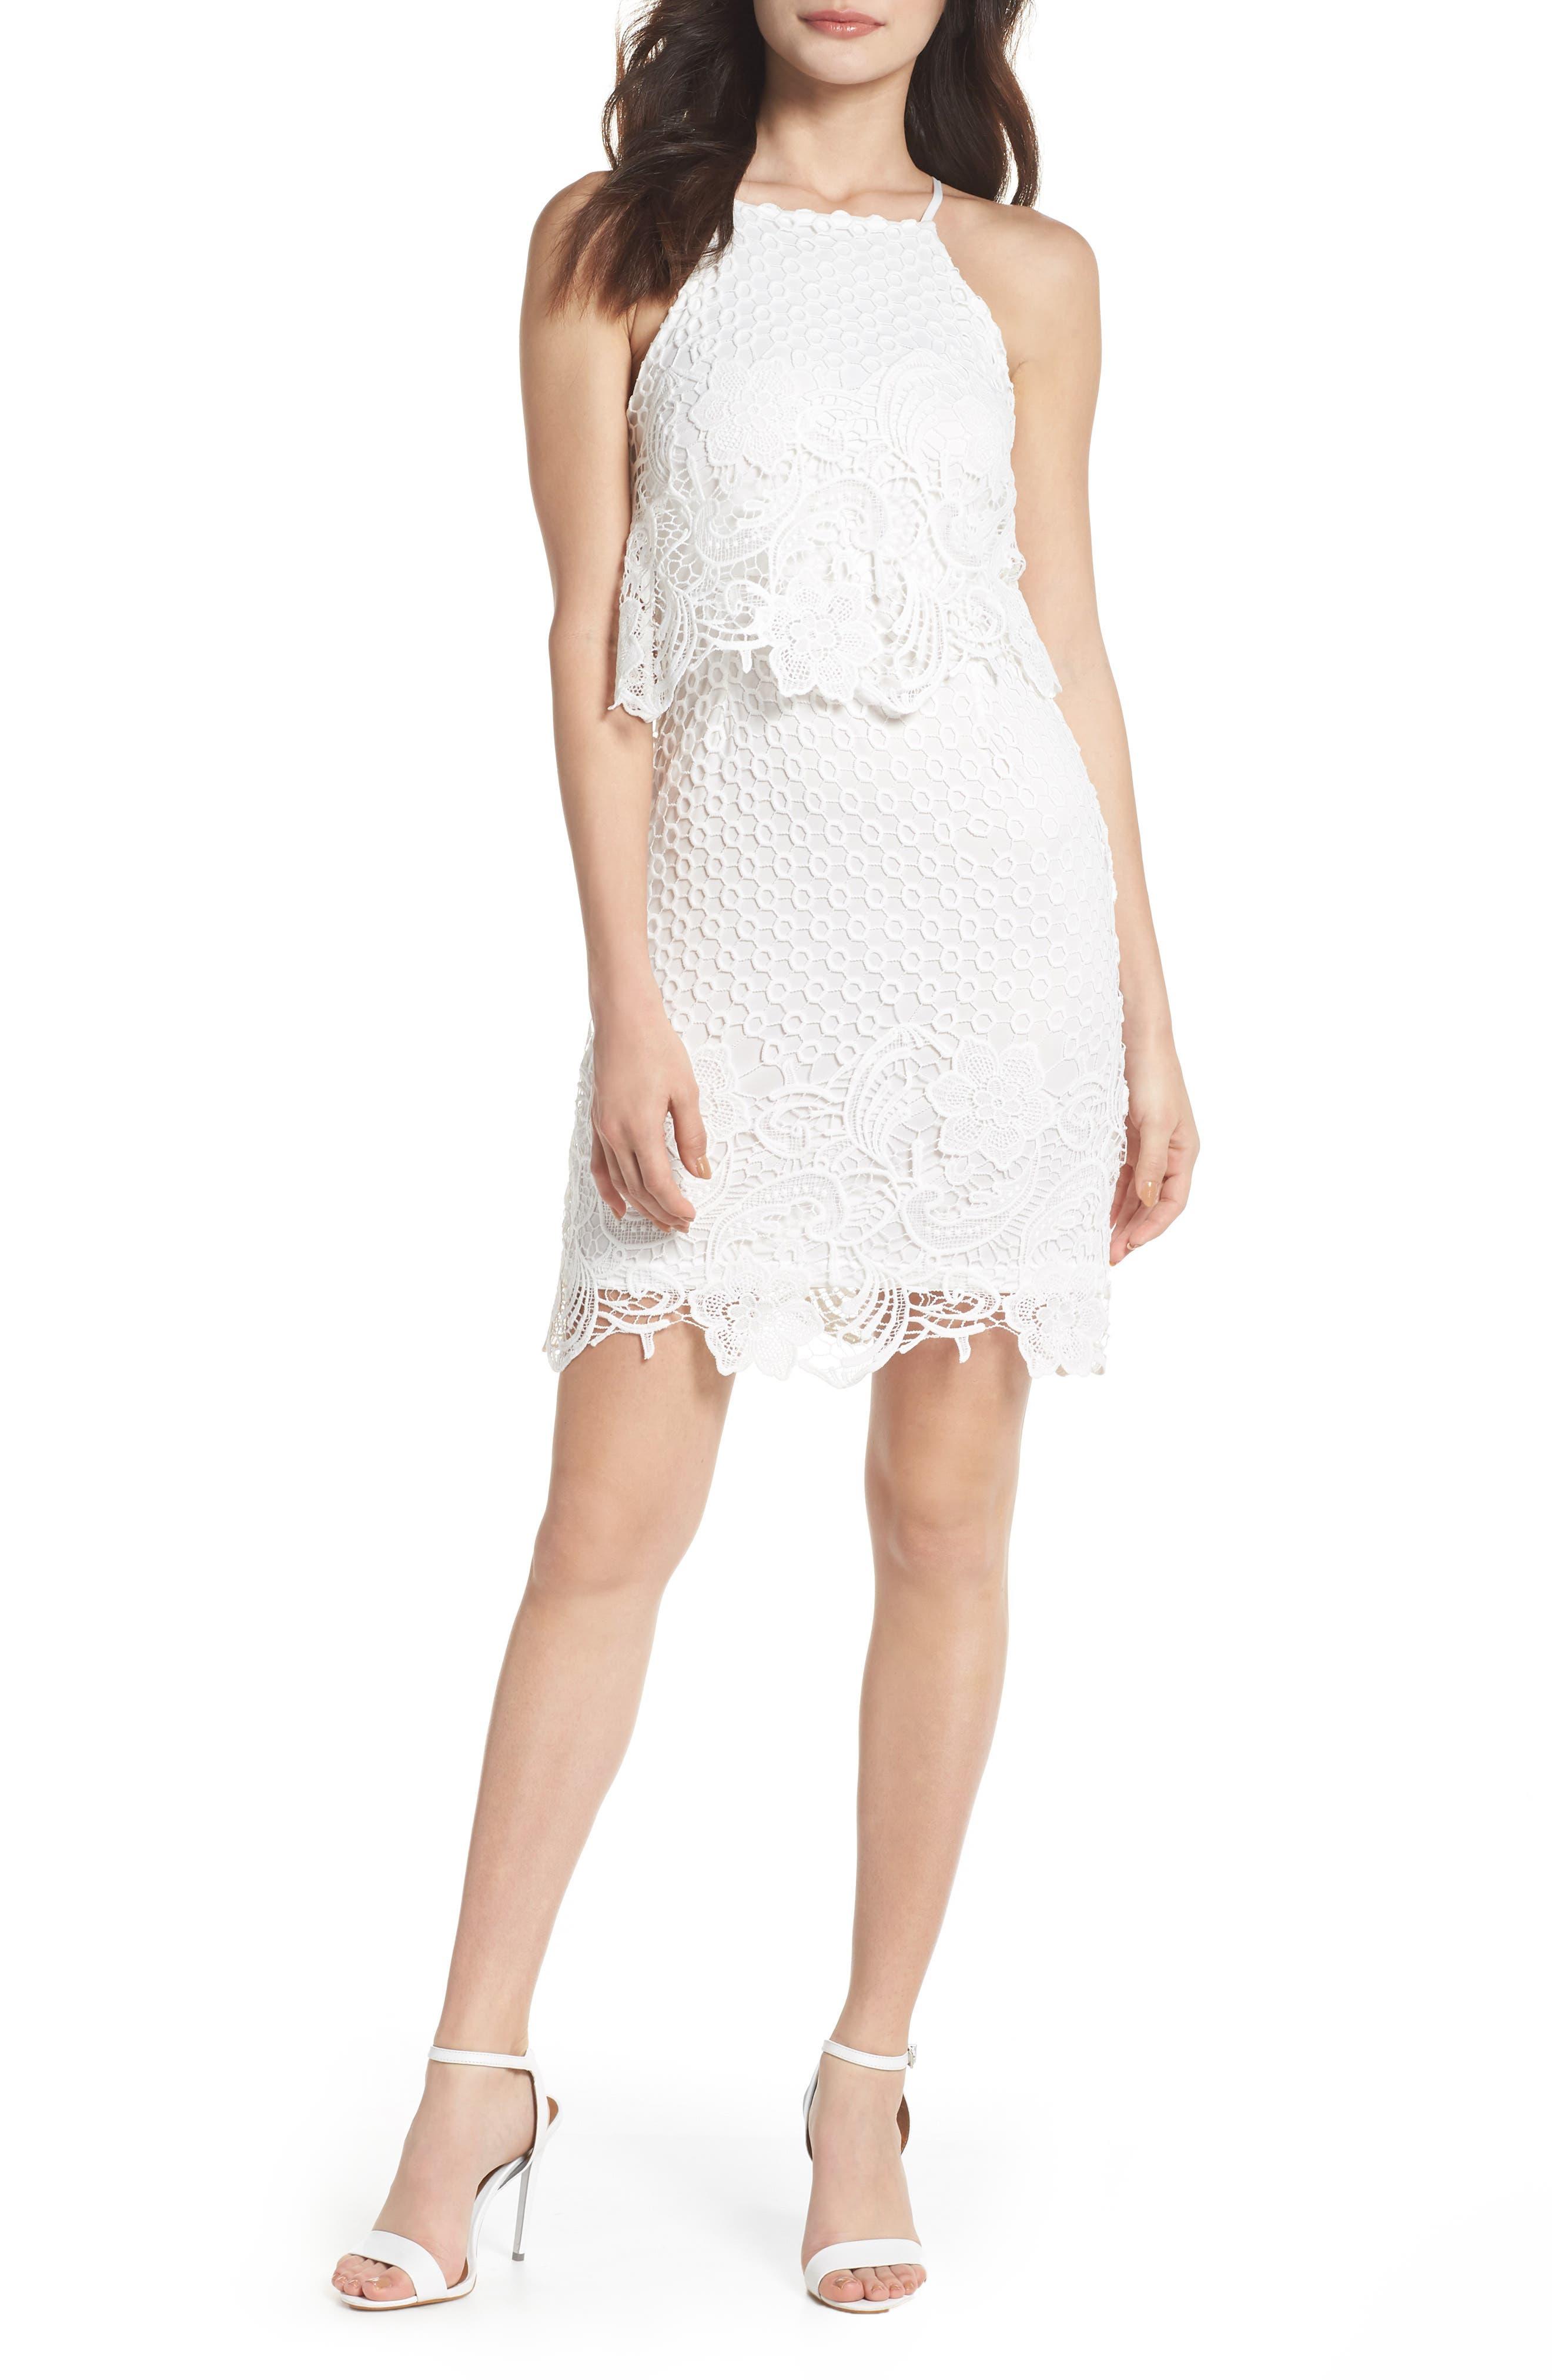 Berühmt Dress To Attend Wedding Galerie - Hochzeit Kleid Stile Ideen ...